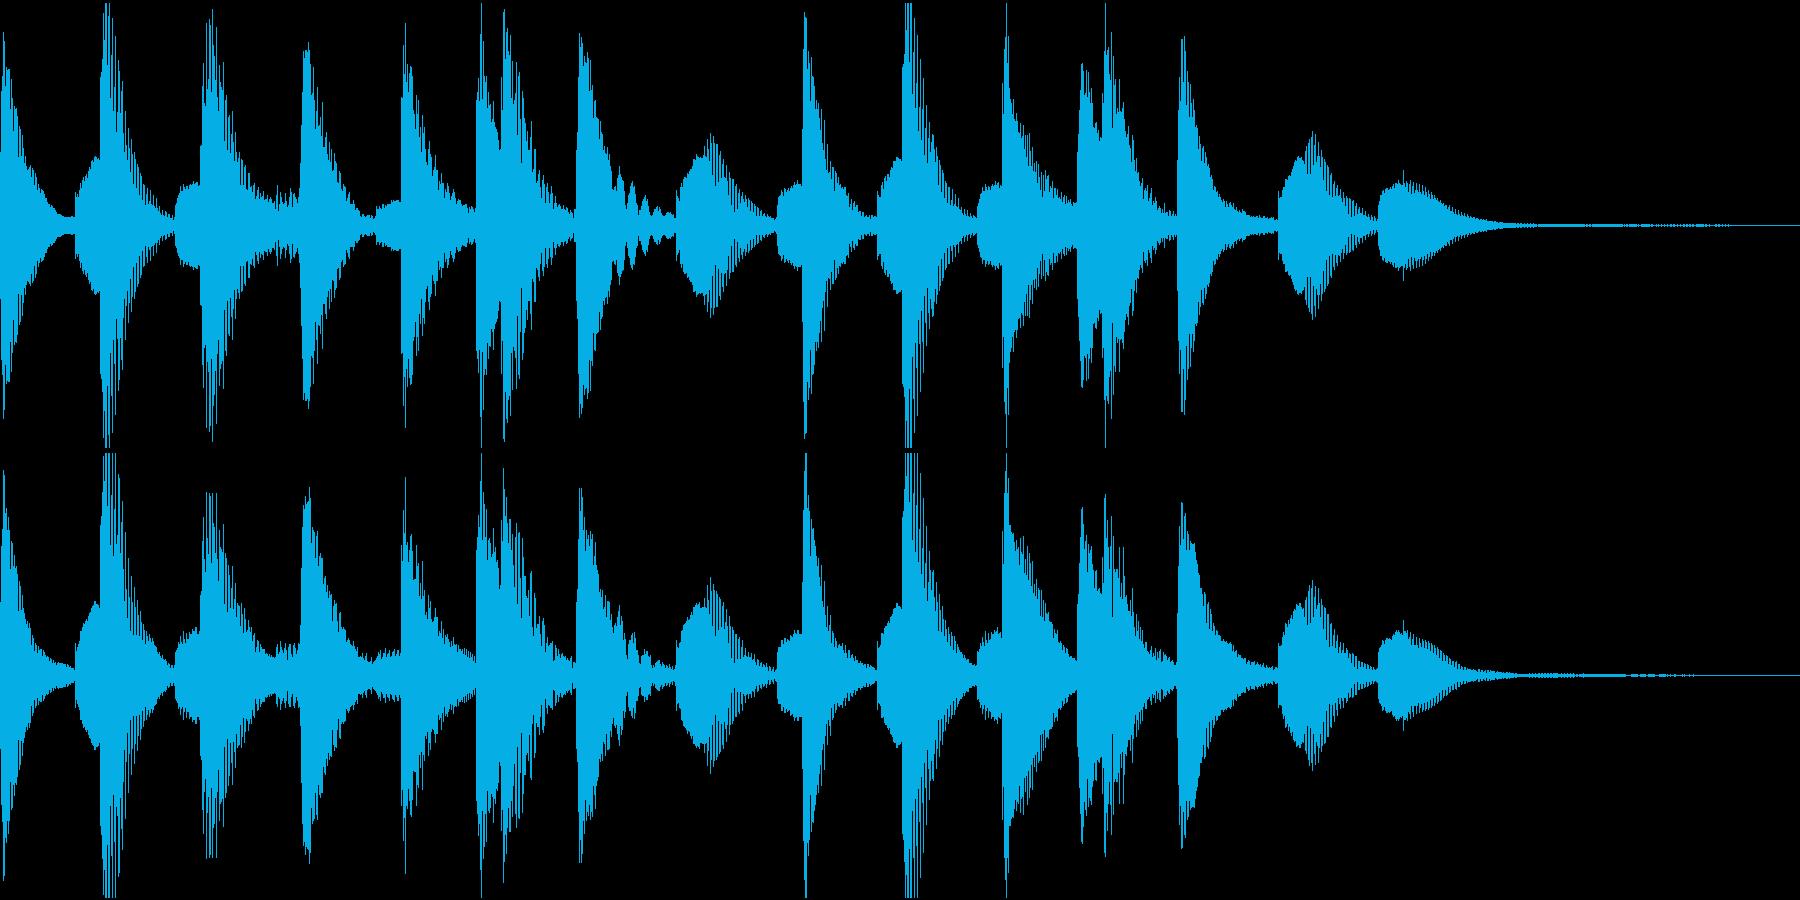 マリンバ短めジングル アイキャッチの再生済みの波形